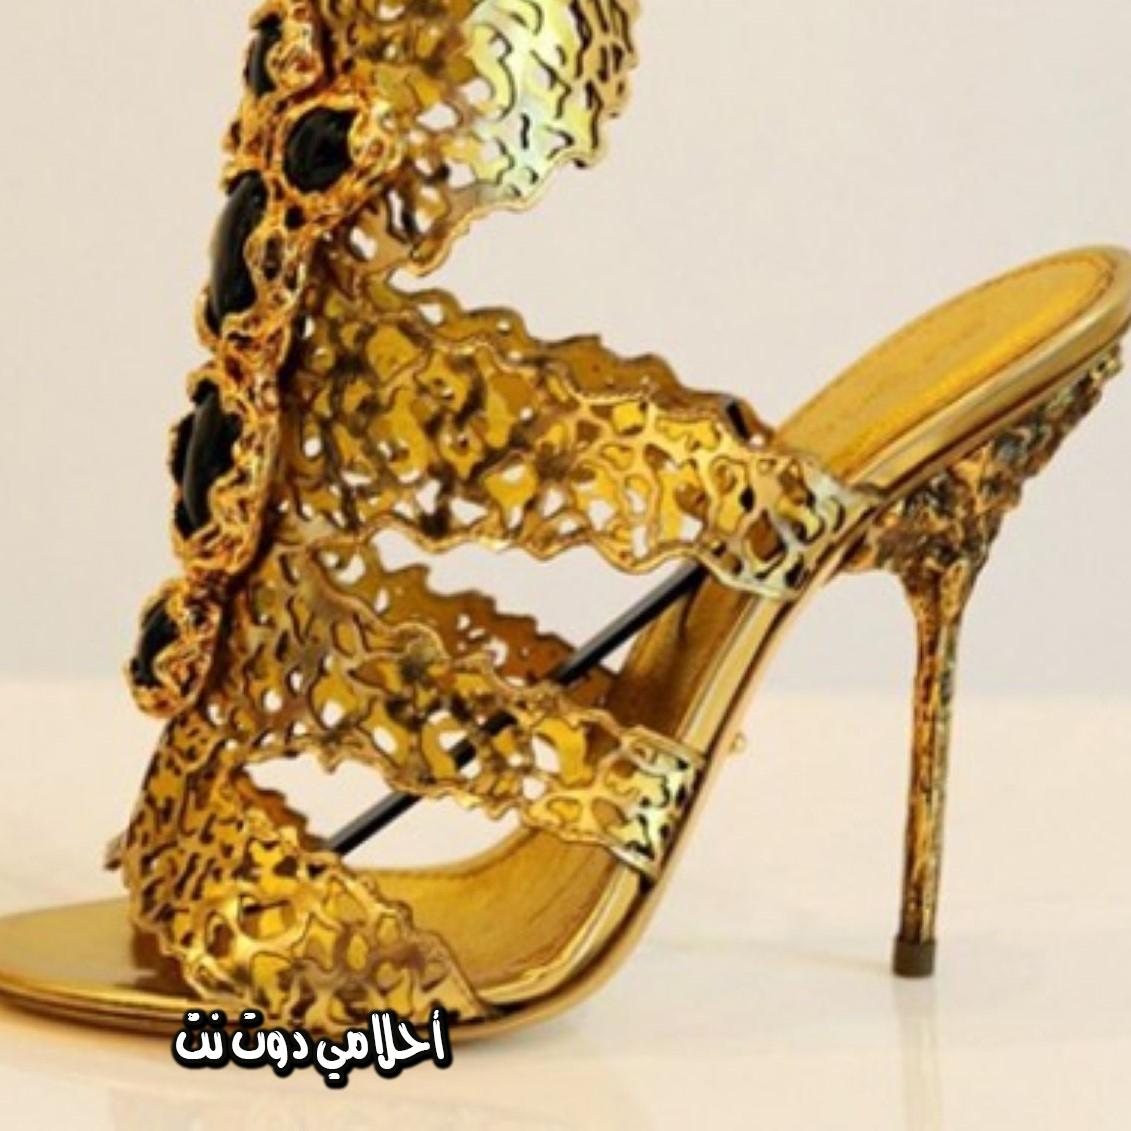 تفسير حلم الحذاء الذهبي